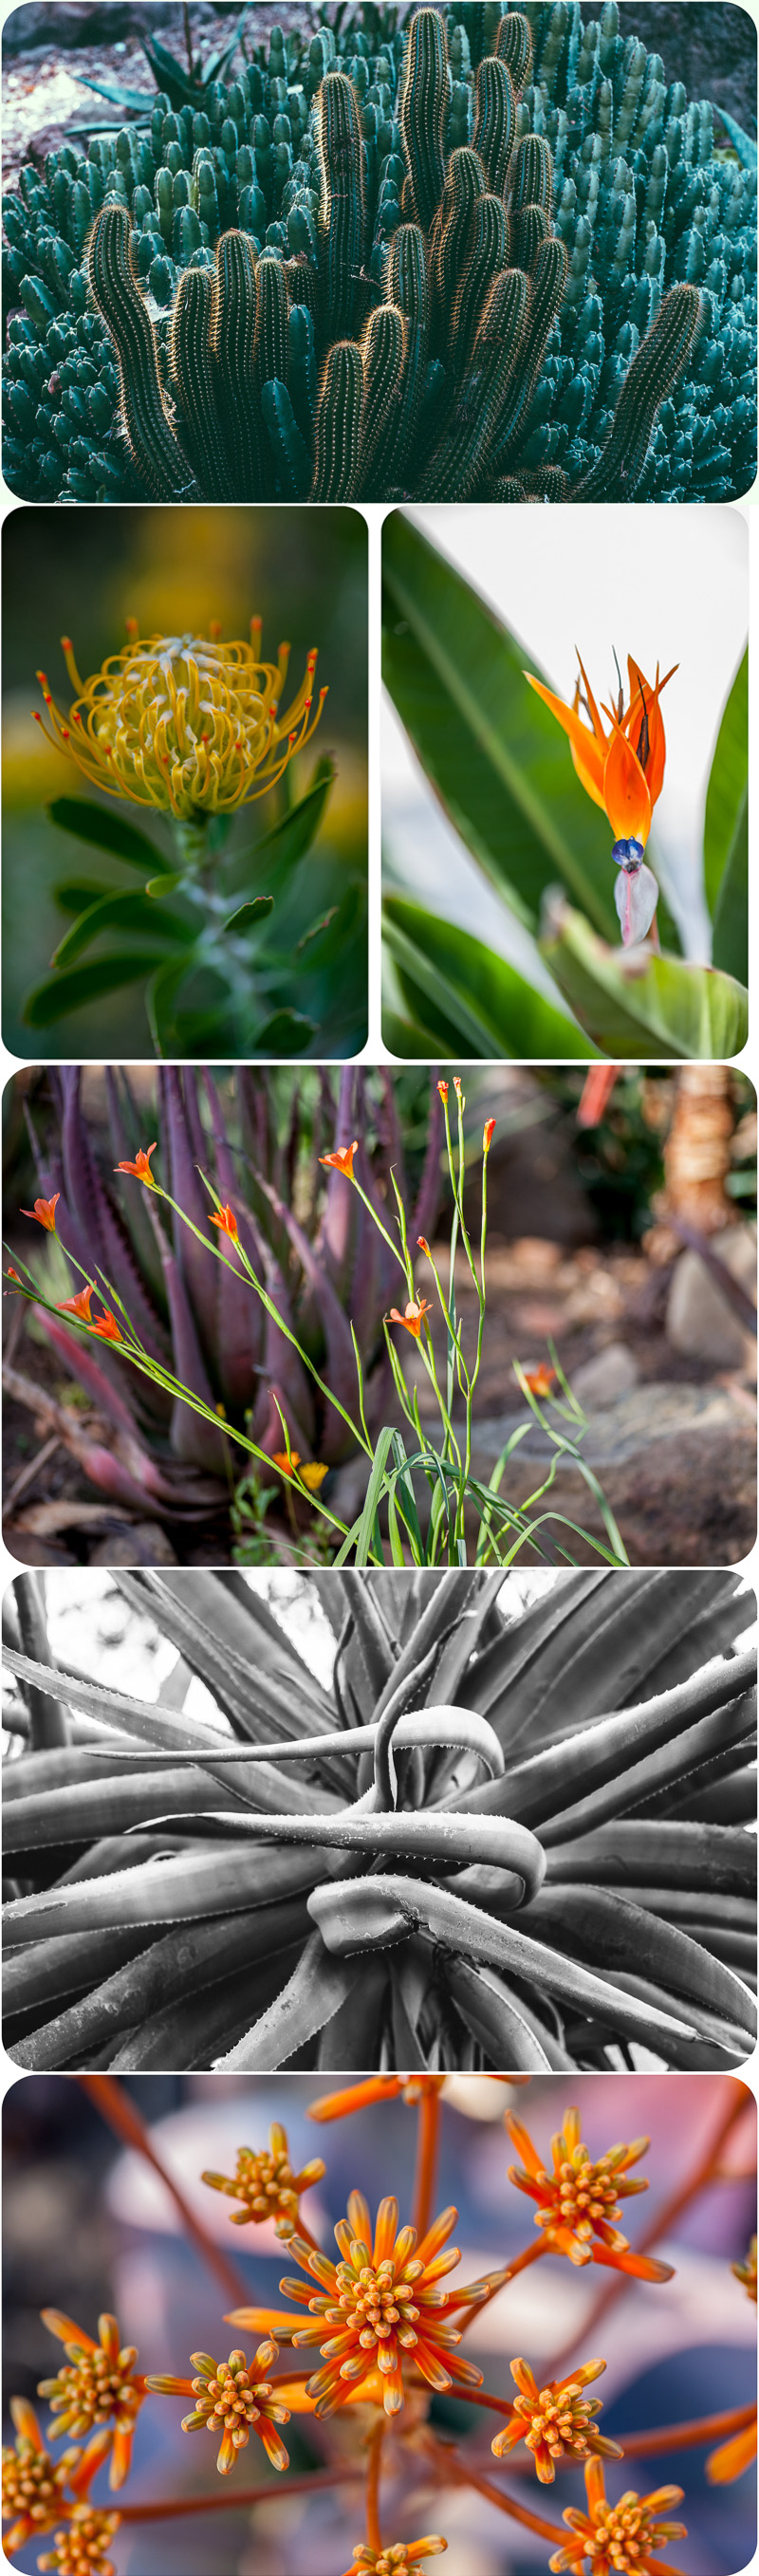 ojai_taft_gardens